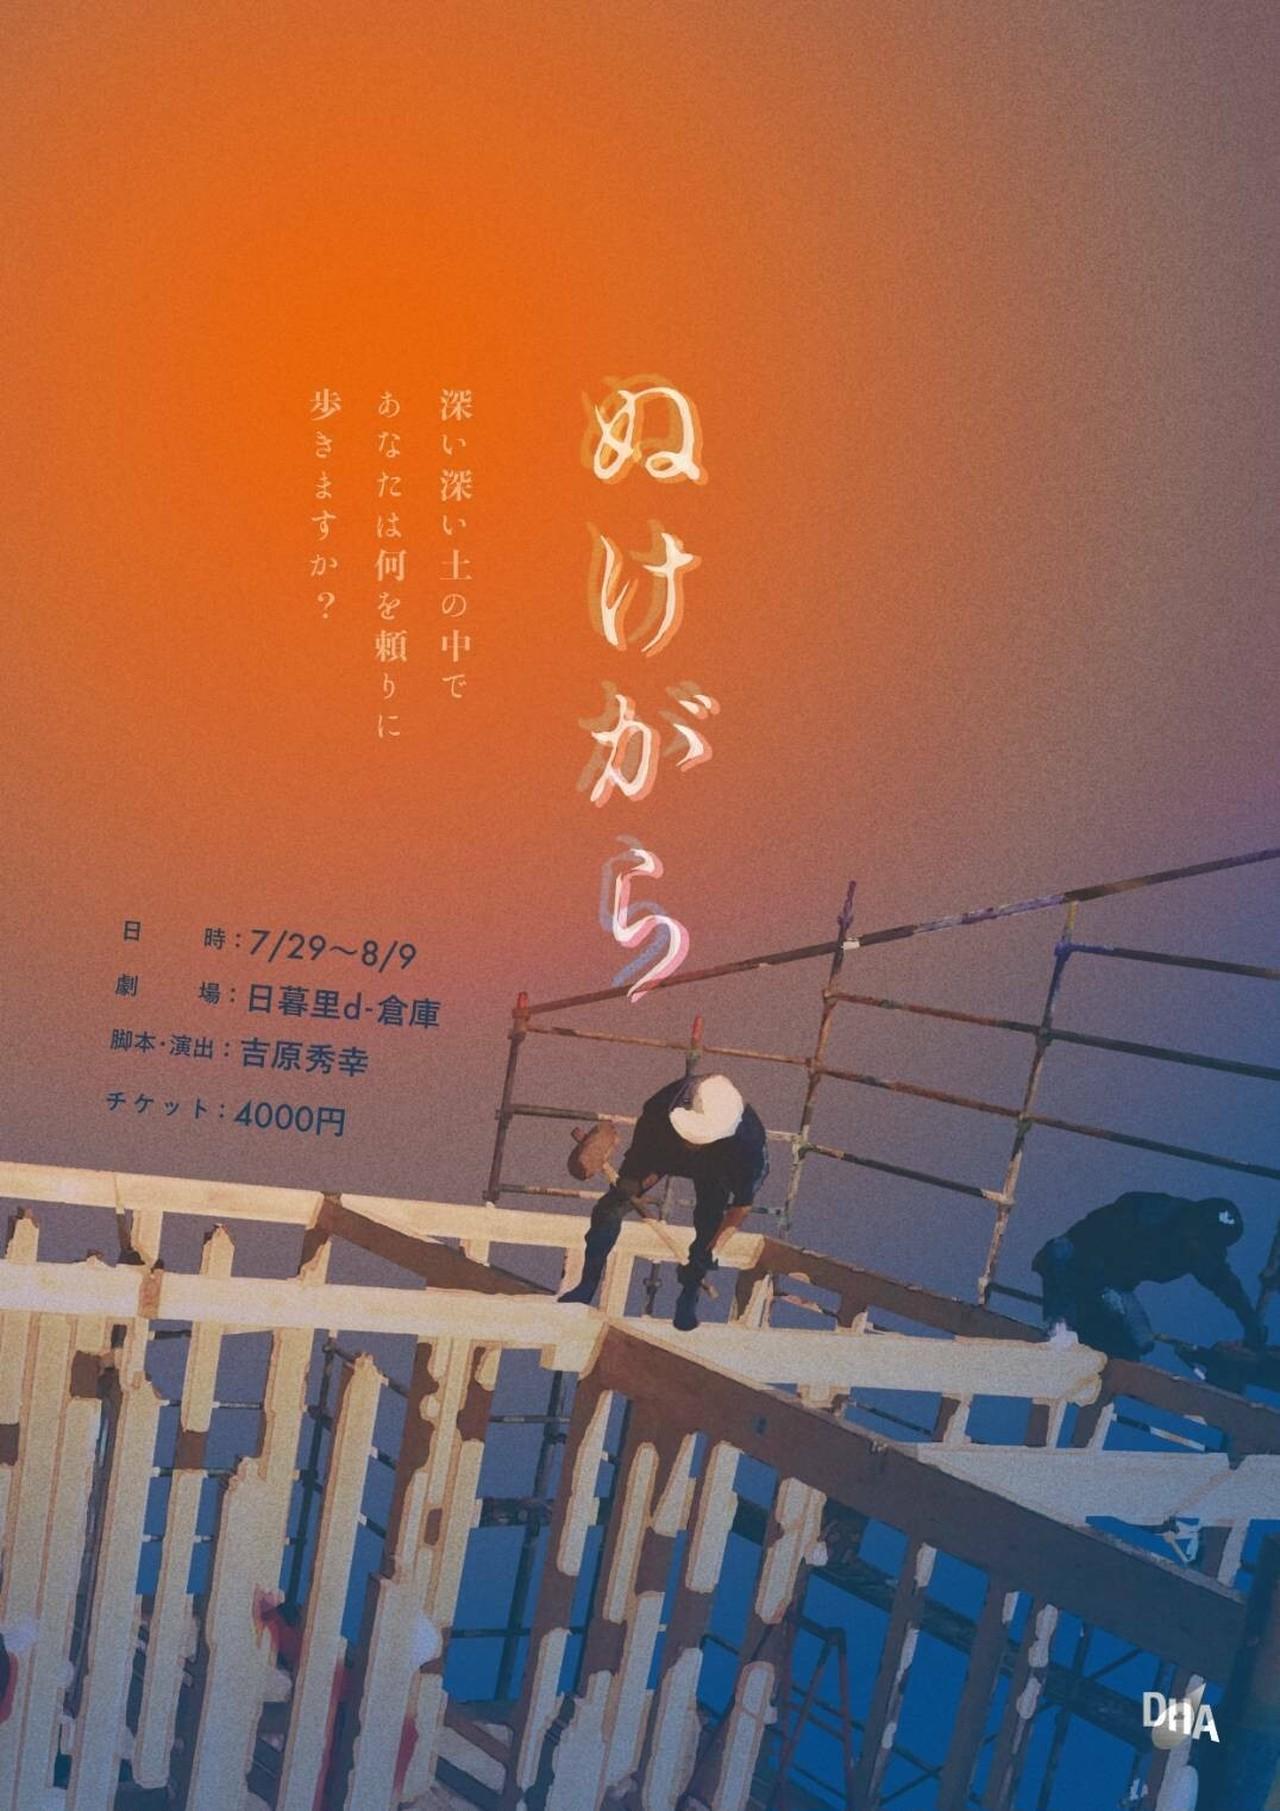 舞台『ぬけがら』公演DVD